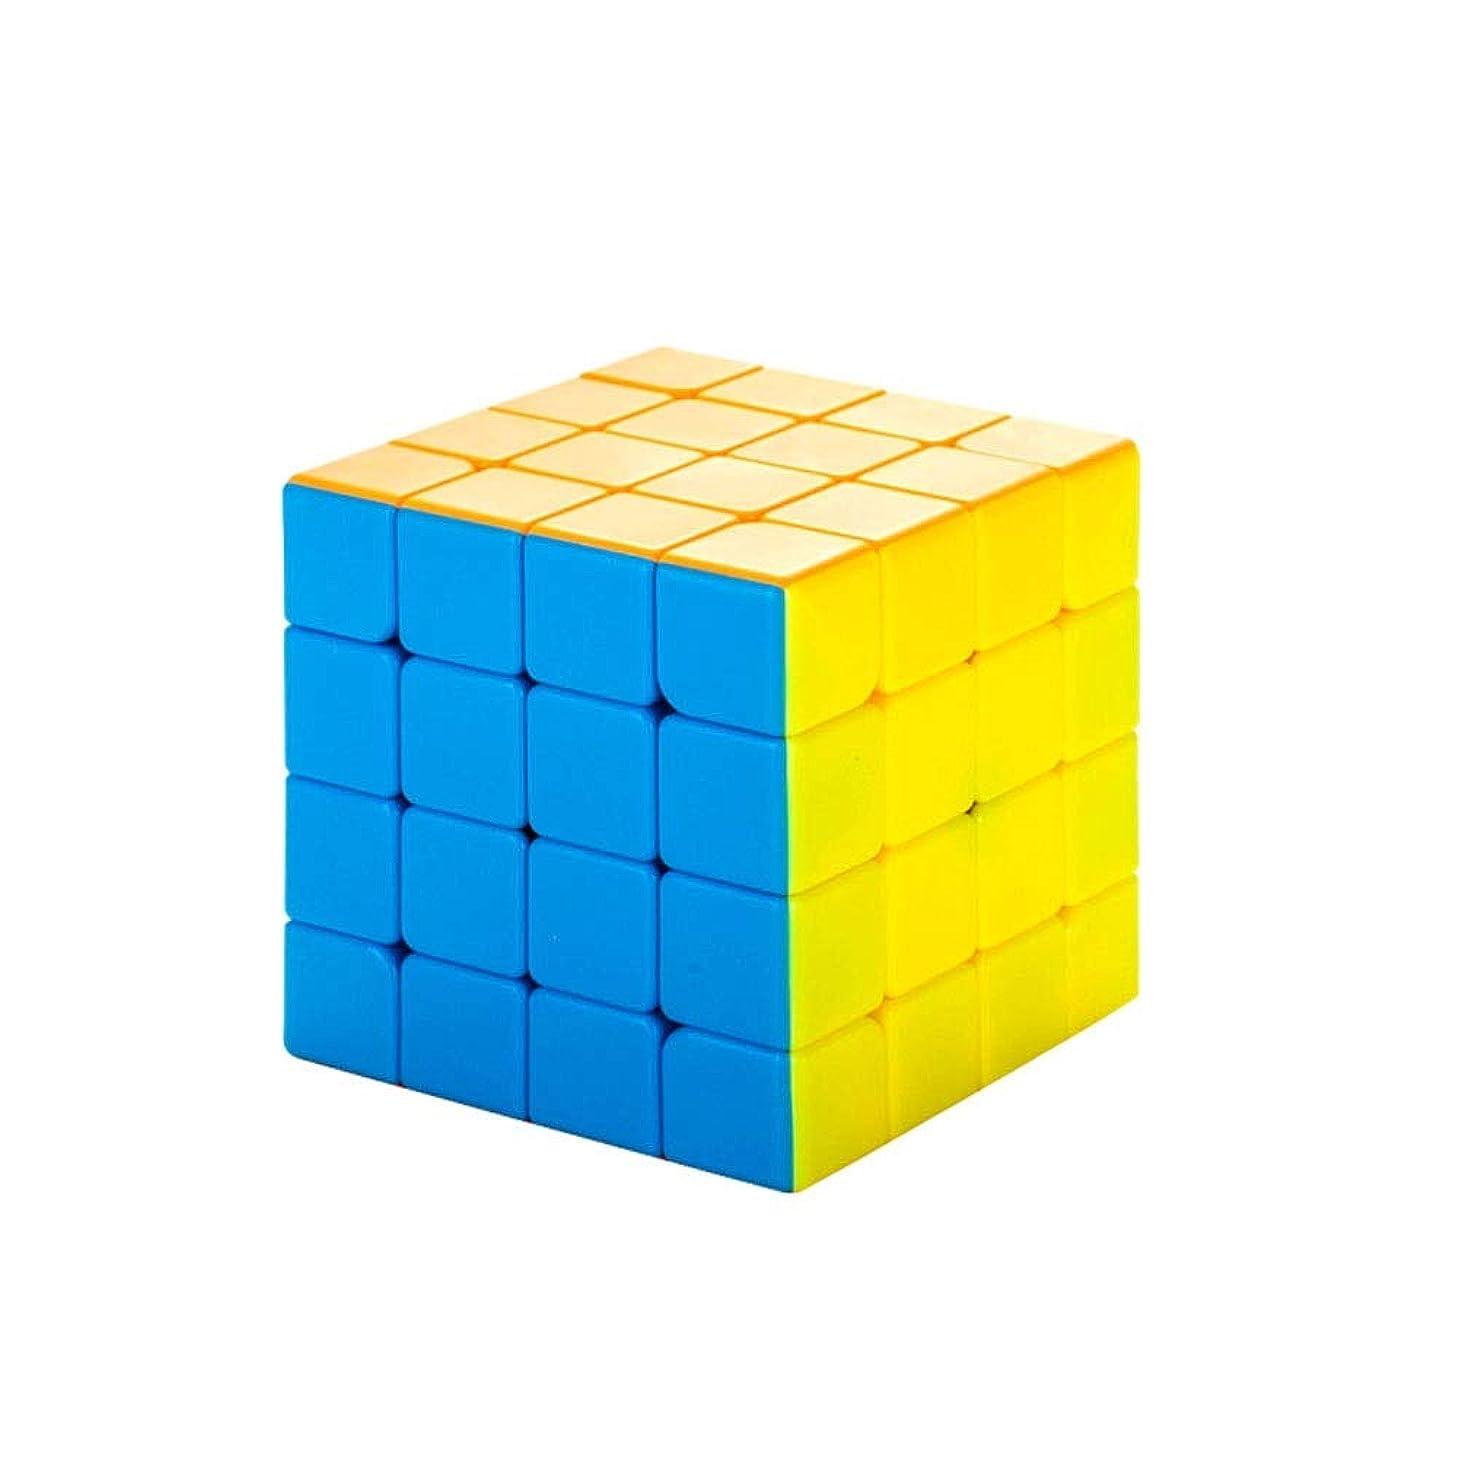 継承カエルコンテンポラリーKaiyitong ルービックキューブ、指の滑らかなルービックキューブ、高品質のABS素材、安全で環境にやさしい、快適なデザインスタイル 強い (Edition : Fourth order)